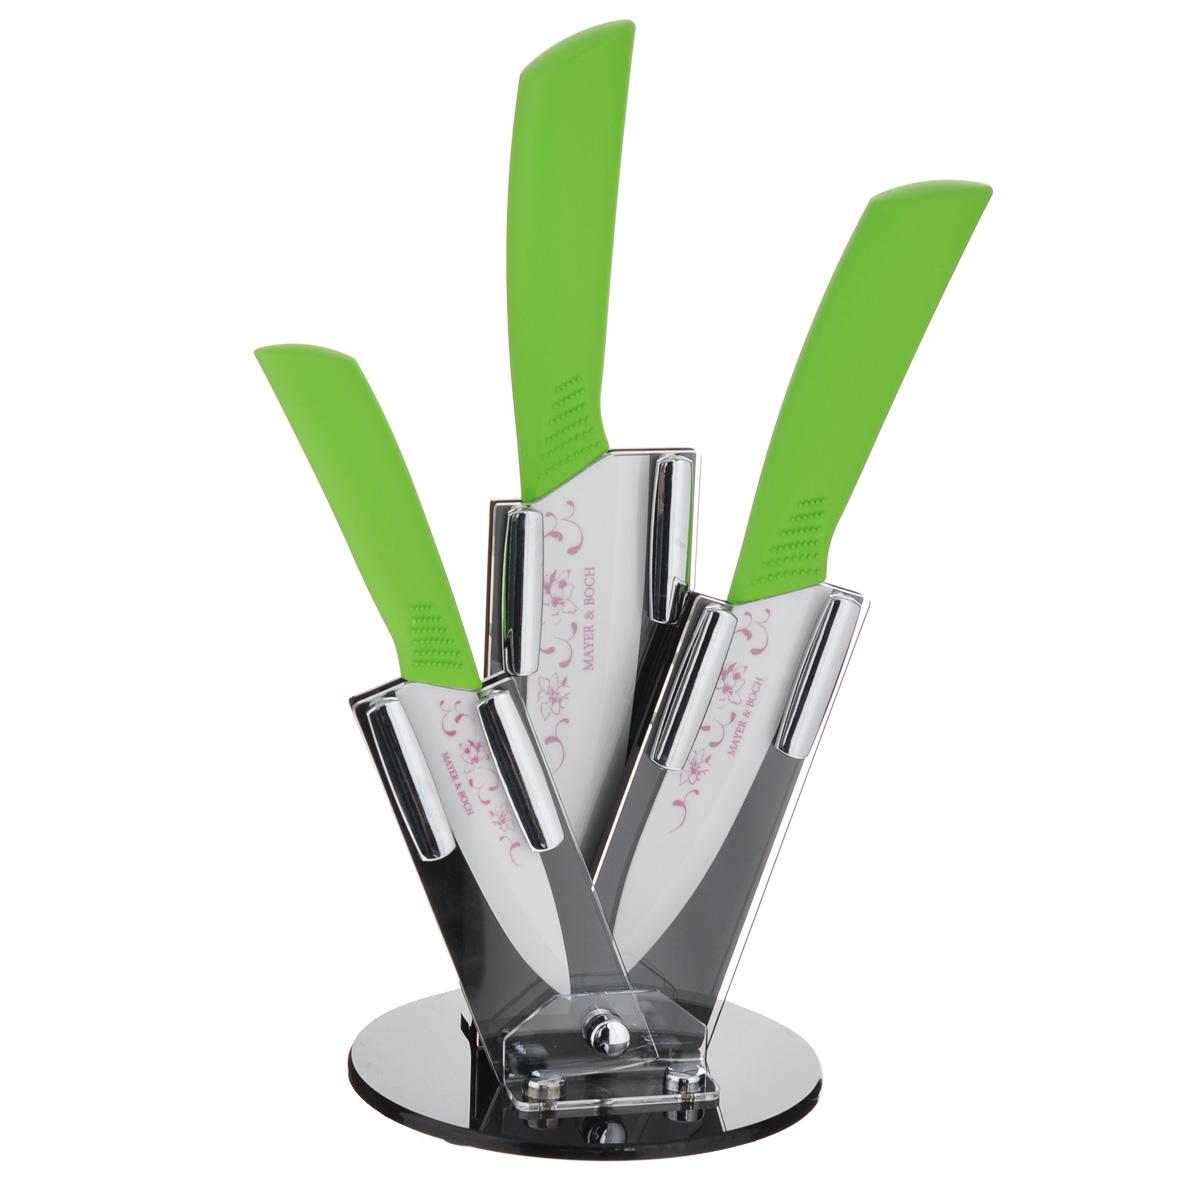 Набор керамических ножей Mayer & Boch Modern, цвет: зеленый, 4 предмета. 2185721857Набор ножей Mayer & Boch Modern состоит из поварского ножа,универсального ножа, ножа для чистки и подставки. Лезвия ножей выполненыиз высококачественной циркониевой керамики и декорированы цветочныморнаментом.Керамические ножи не подвергаются коррозии и не придают металлическогопривкуса или запаха, а также сохраняют свежесть продуктов. Режущая кромкалезвий устойчива к притуплению. Ножи высоко гигиеничны илегки в очистке.Рукоятки эргономичной формы выполнены из ABS-пластика с прорезиненнымпокрытием. Специальный дизайн рукоятки обеспечивает комфортный и легкоконтролируемый захват.В комплект входит акриловая подставка.В наборе есть все необходимое для ежедневной нарезки фруктов, овощей имяса. Ножи не рекомендуется мыть в посудомоечной машине.Материал подставки: акрил. Длина лезвия поварского ножа: 15,2 см.Общая длина поварского ножа: 27 см.Длина лезвия универсального ножа: 13 см.Общая длина универсального ножа: 25 см.Длина лезвия ножа для чистки: 11 см.Общая длина ножа для чистки: 21 см.Размер подставки (ДхШхВ): 13,5 см х 13,5 см х 18,5 см.